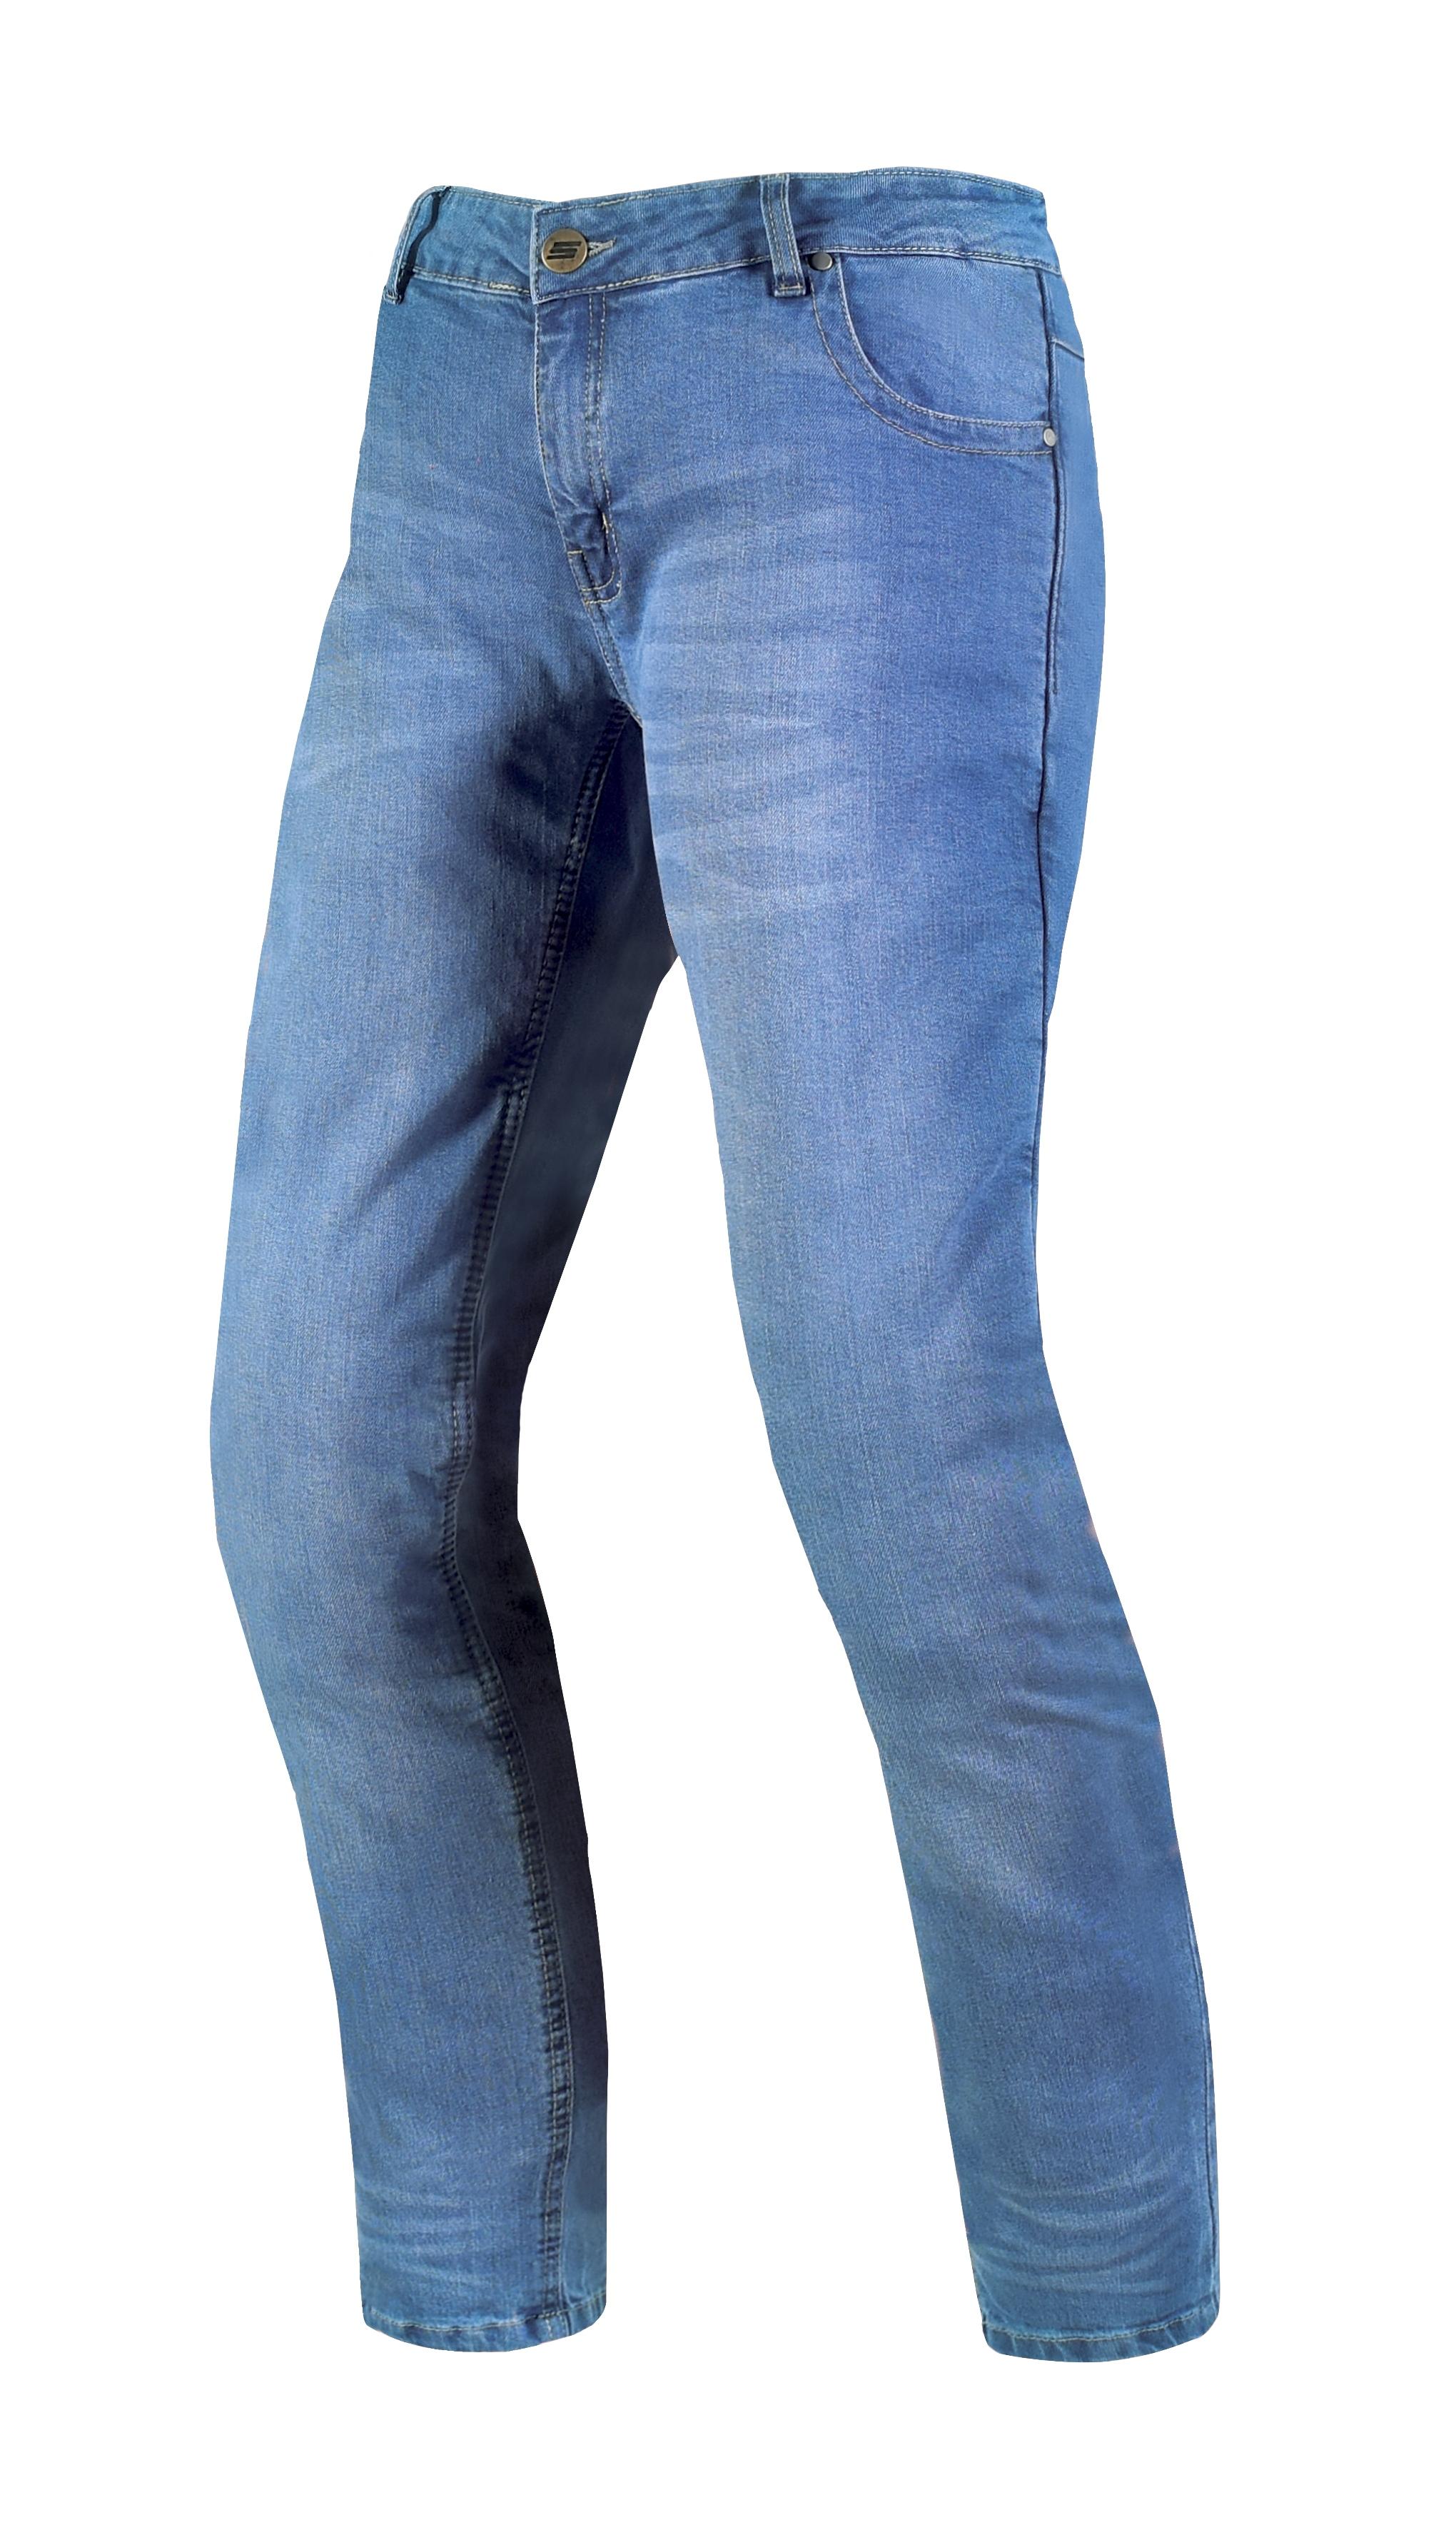 Dámské džínové moto kalhoty SPARK DAFNE, modré